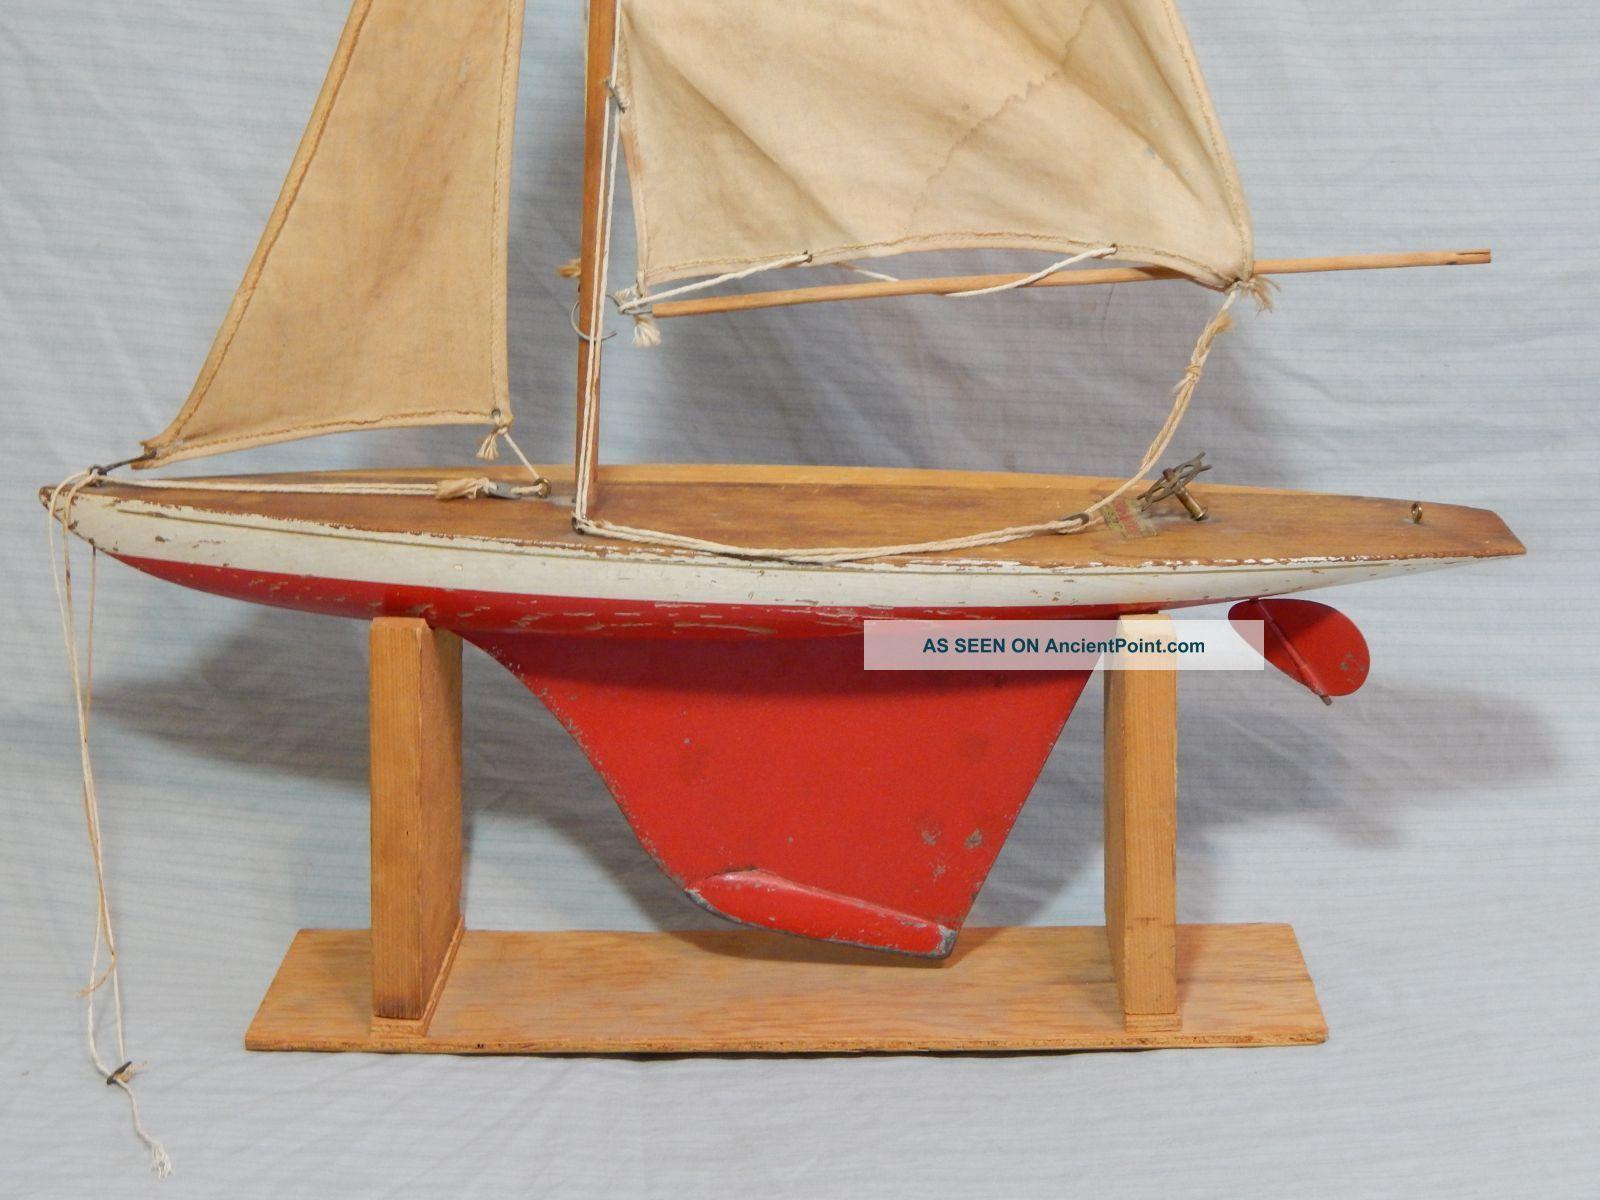 Vintage Jacrim Sailboat Pond Model Hollow Boat 21